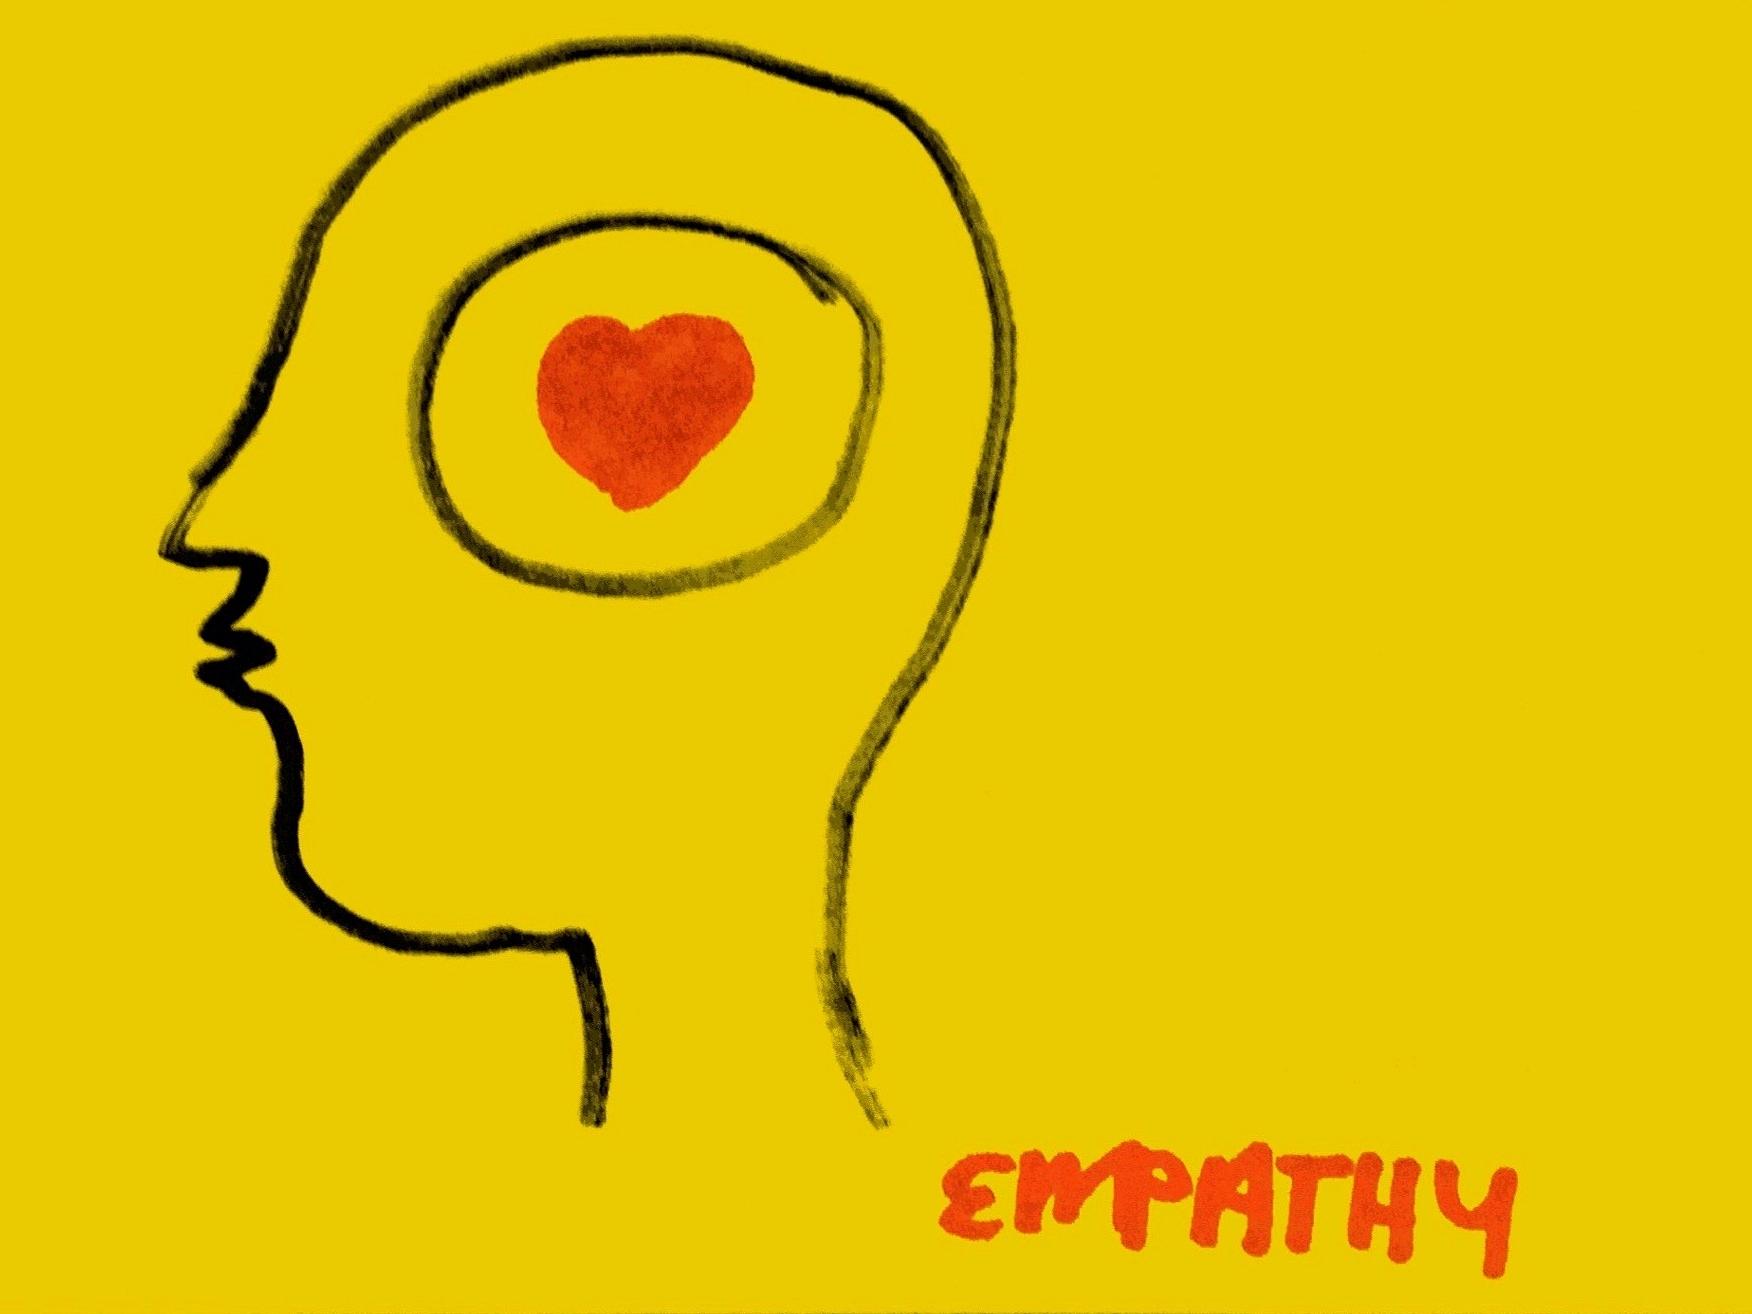 Empathy Strengthsfinder Singapore Heart Brain Speaks